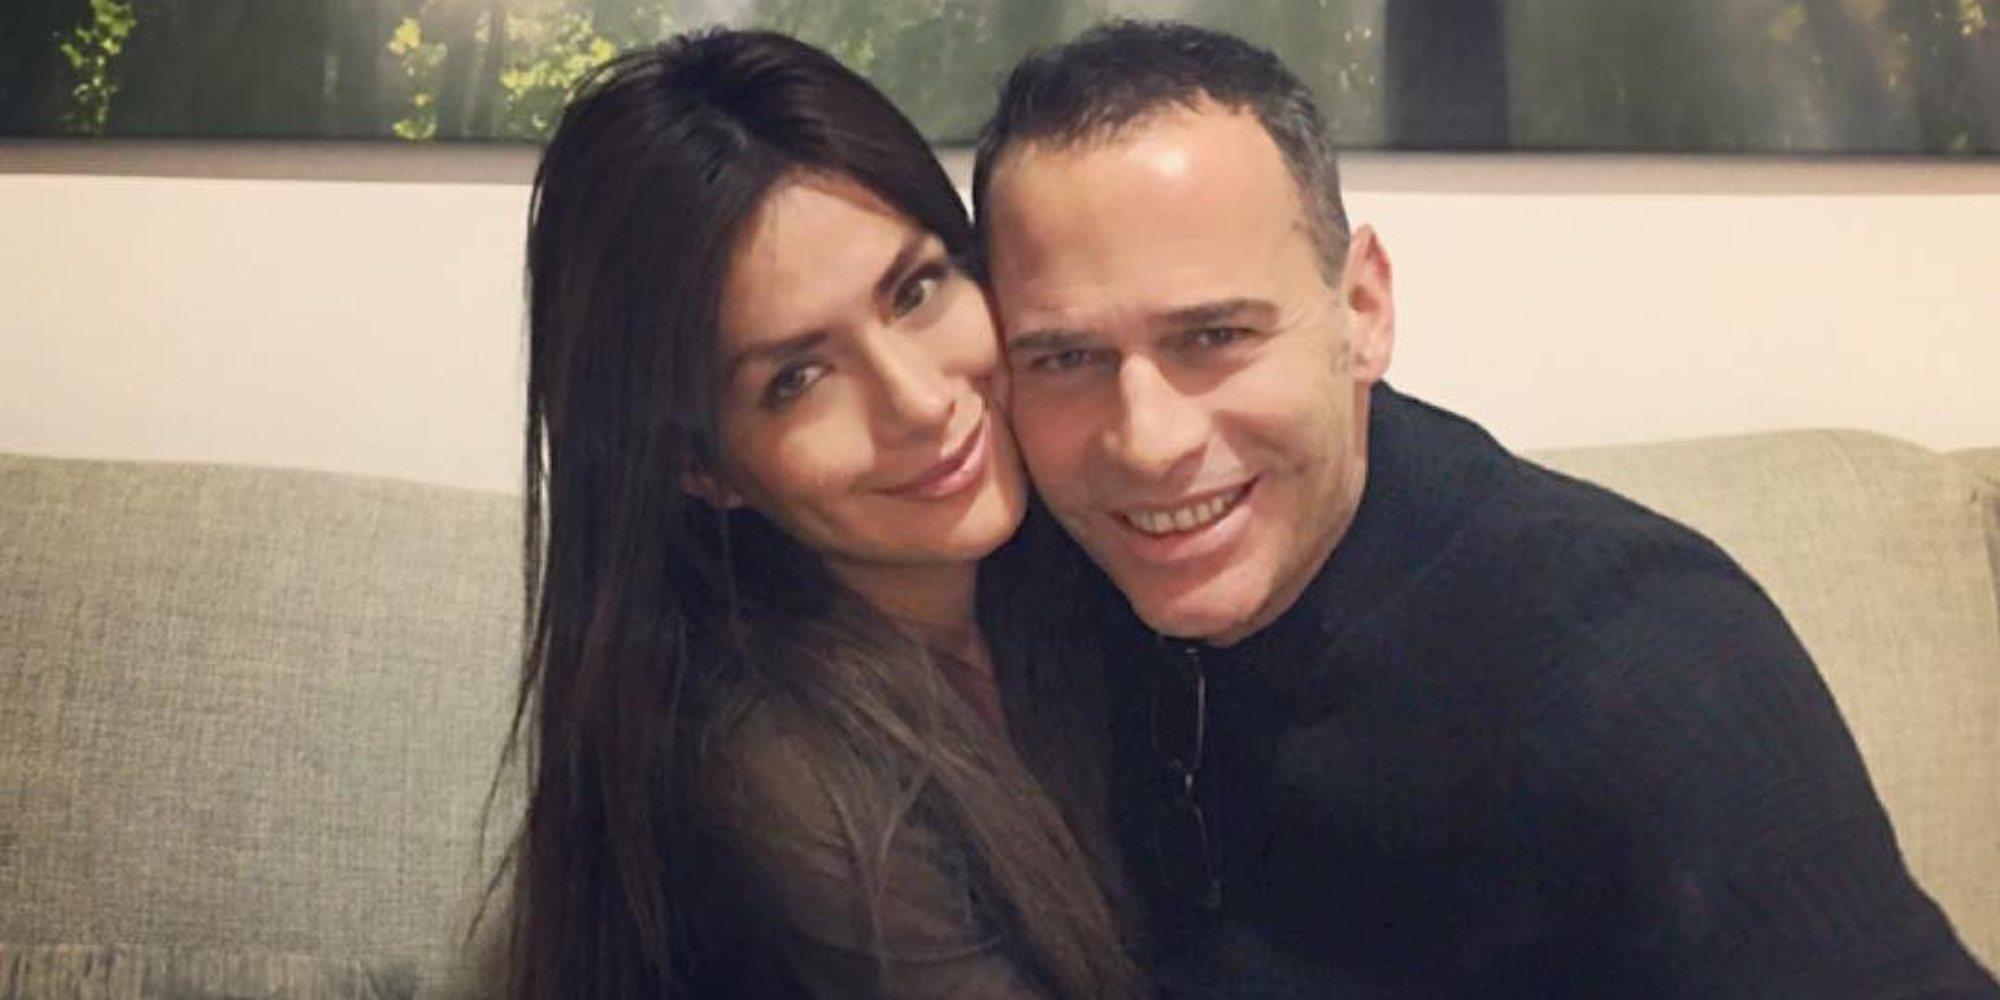 Carlos Lozano y Miriam Saavedra, pillados entrando en casa de él